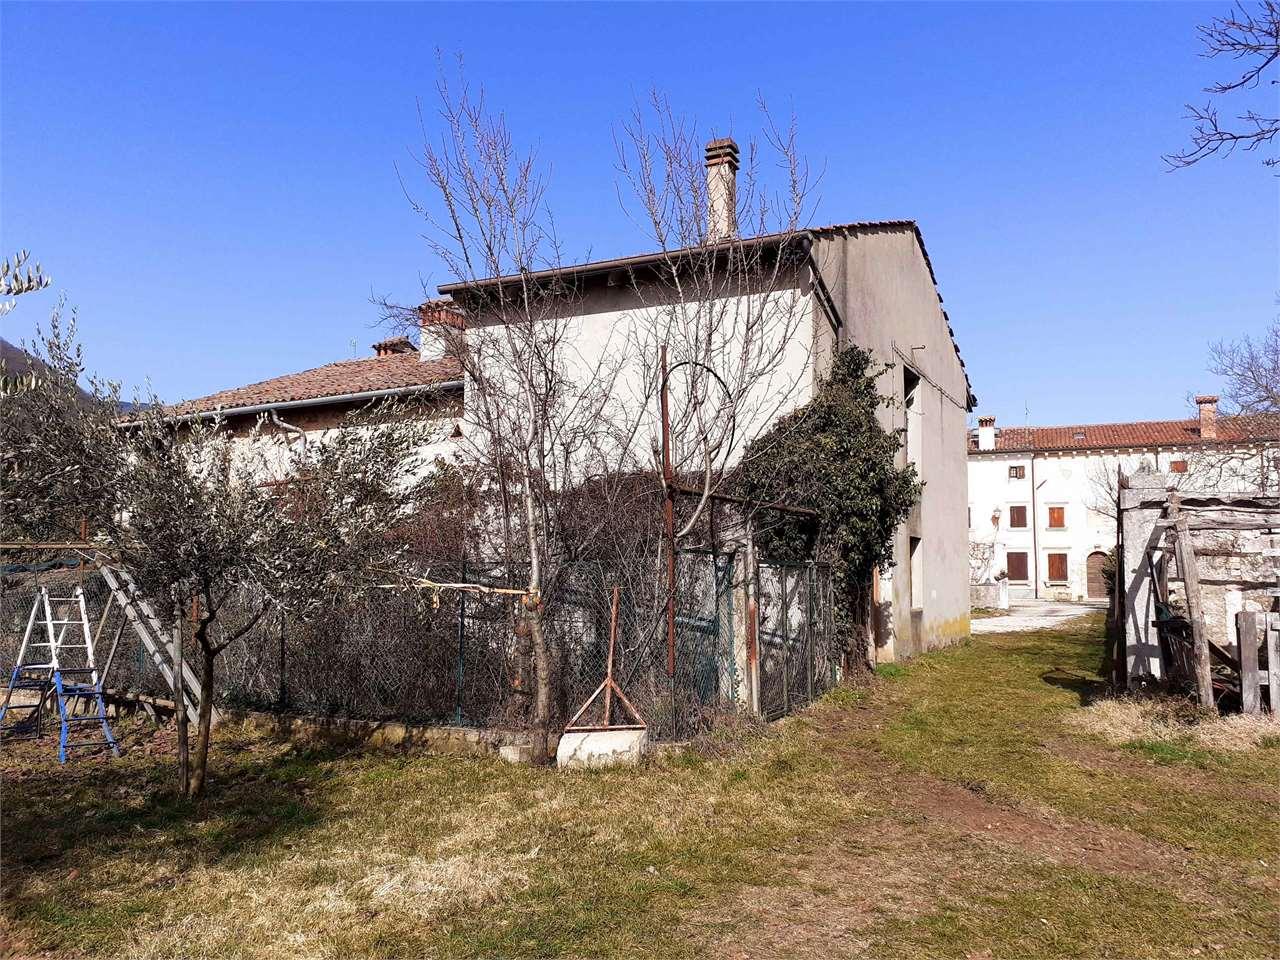 Appartamento in vendita a Tregnago, 5 locali, zona Zona: Cogollo, prezzo € 79.000 | CambioCasa.it